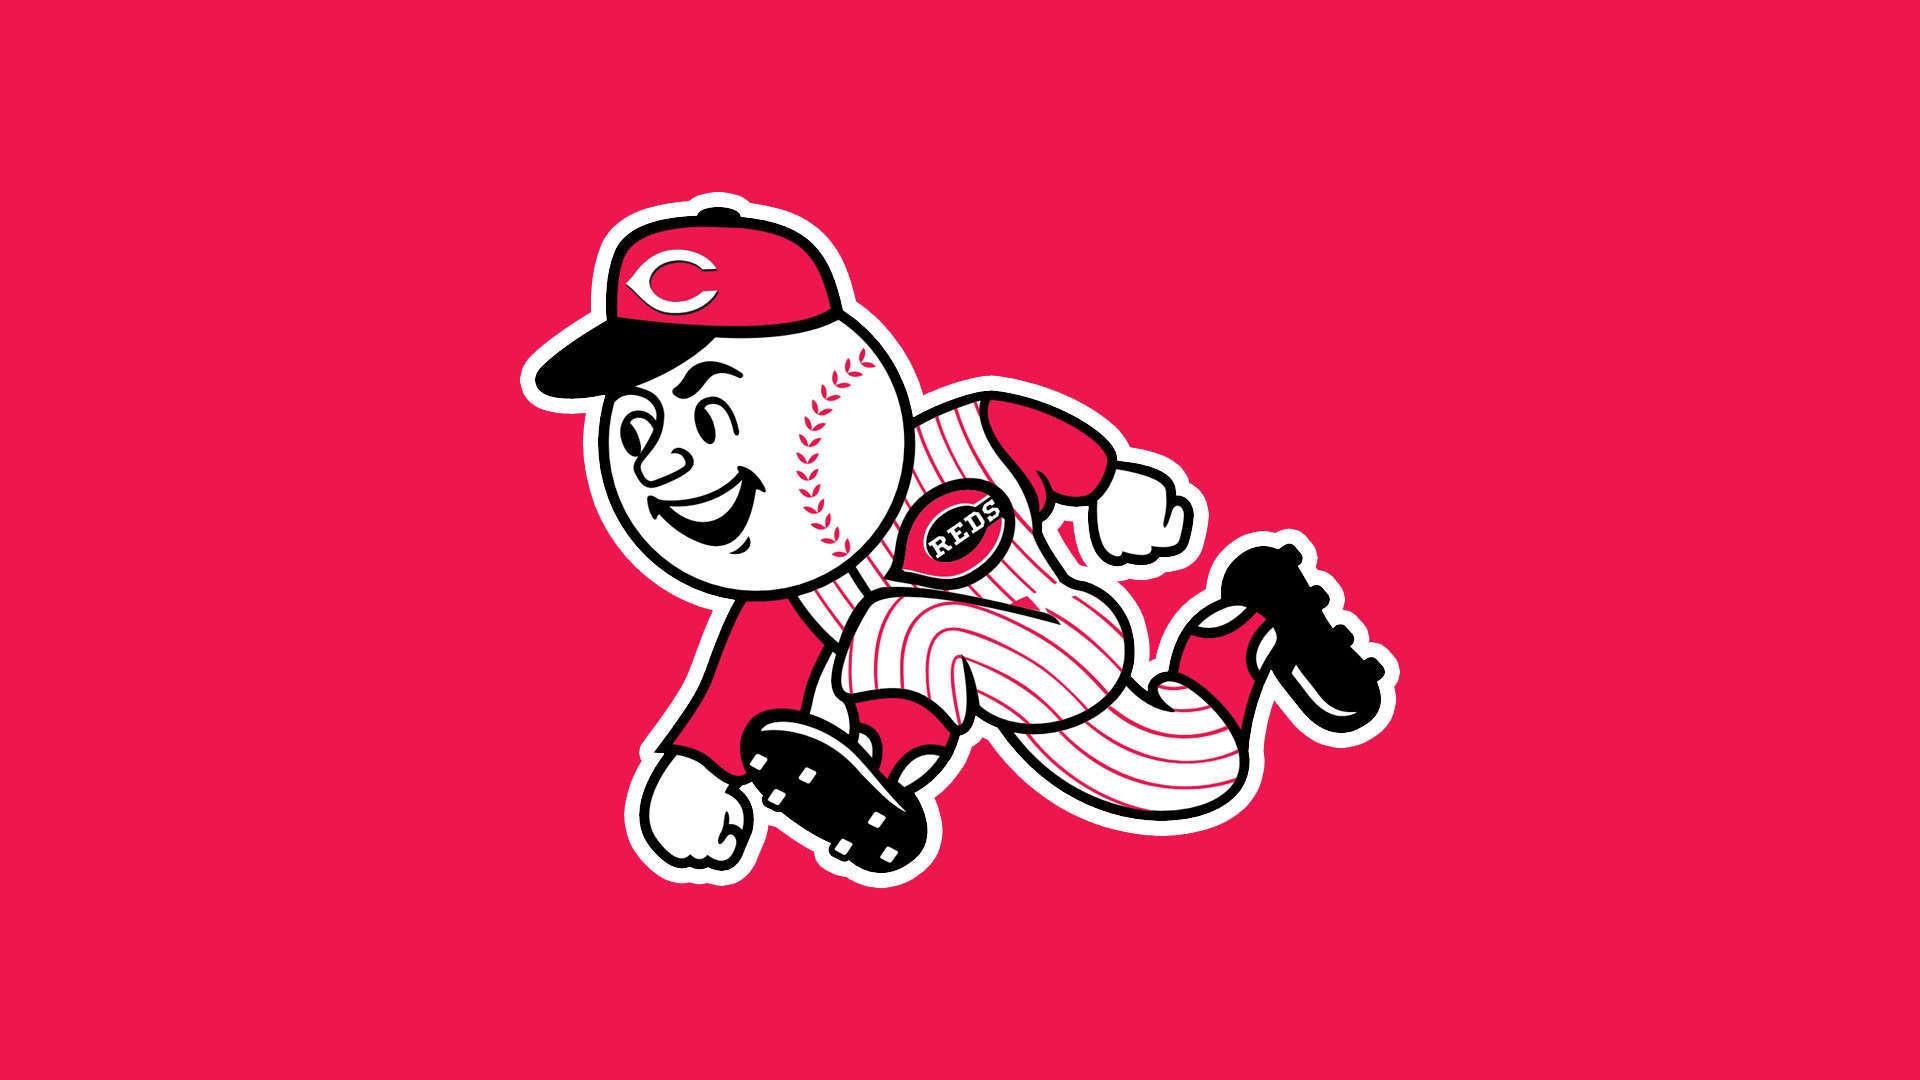 Cincinnati Reds Desktop Wallpaper 1